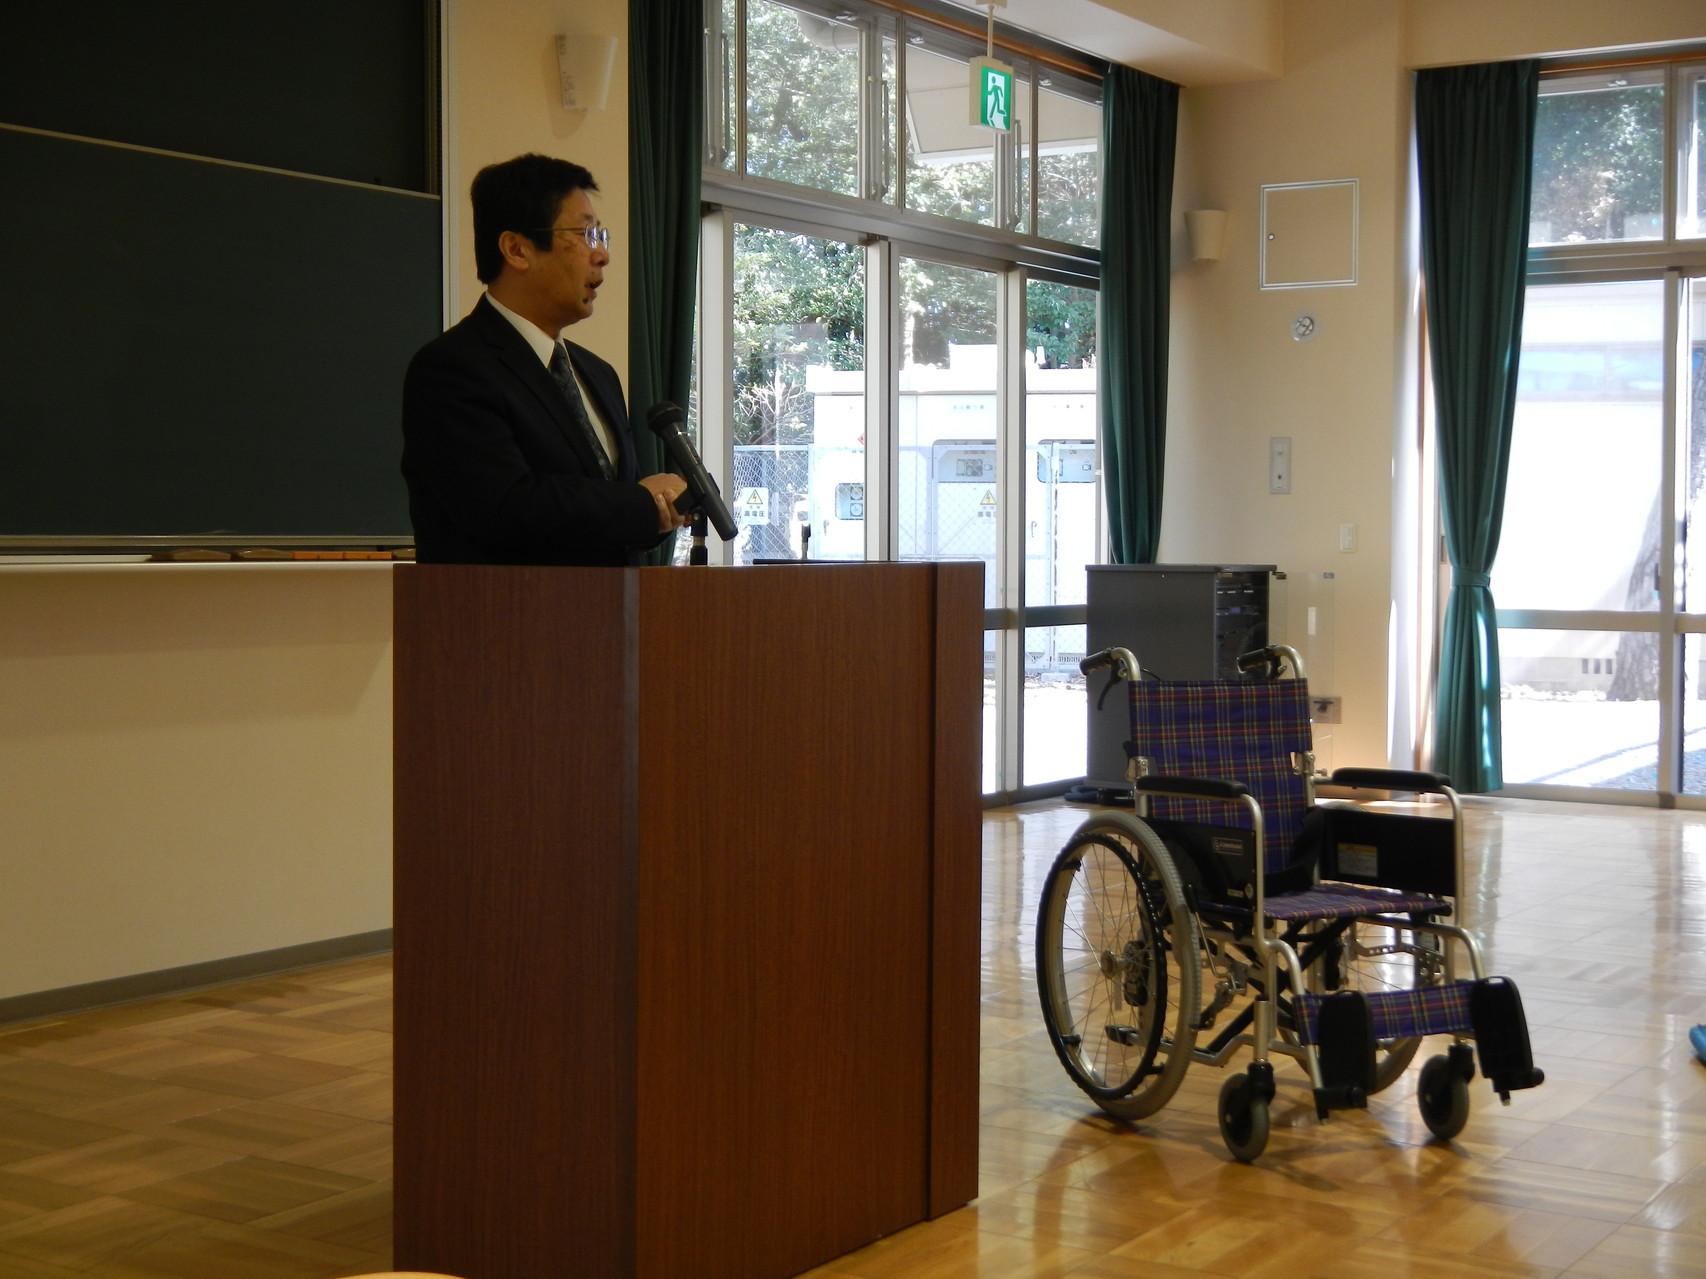 浜松市社会福祉協議会 浜松地区センター長 飯嶋 様